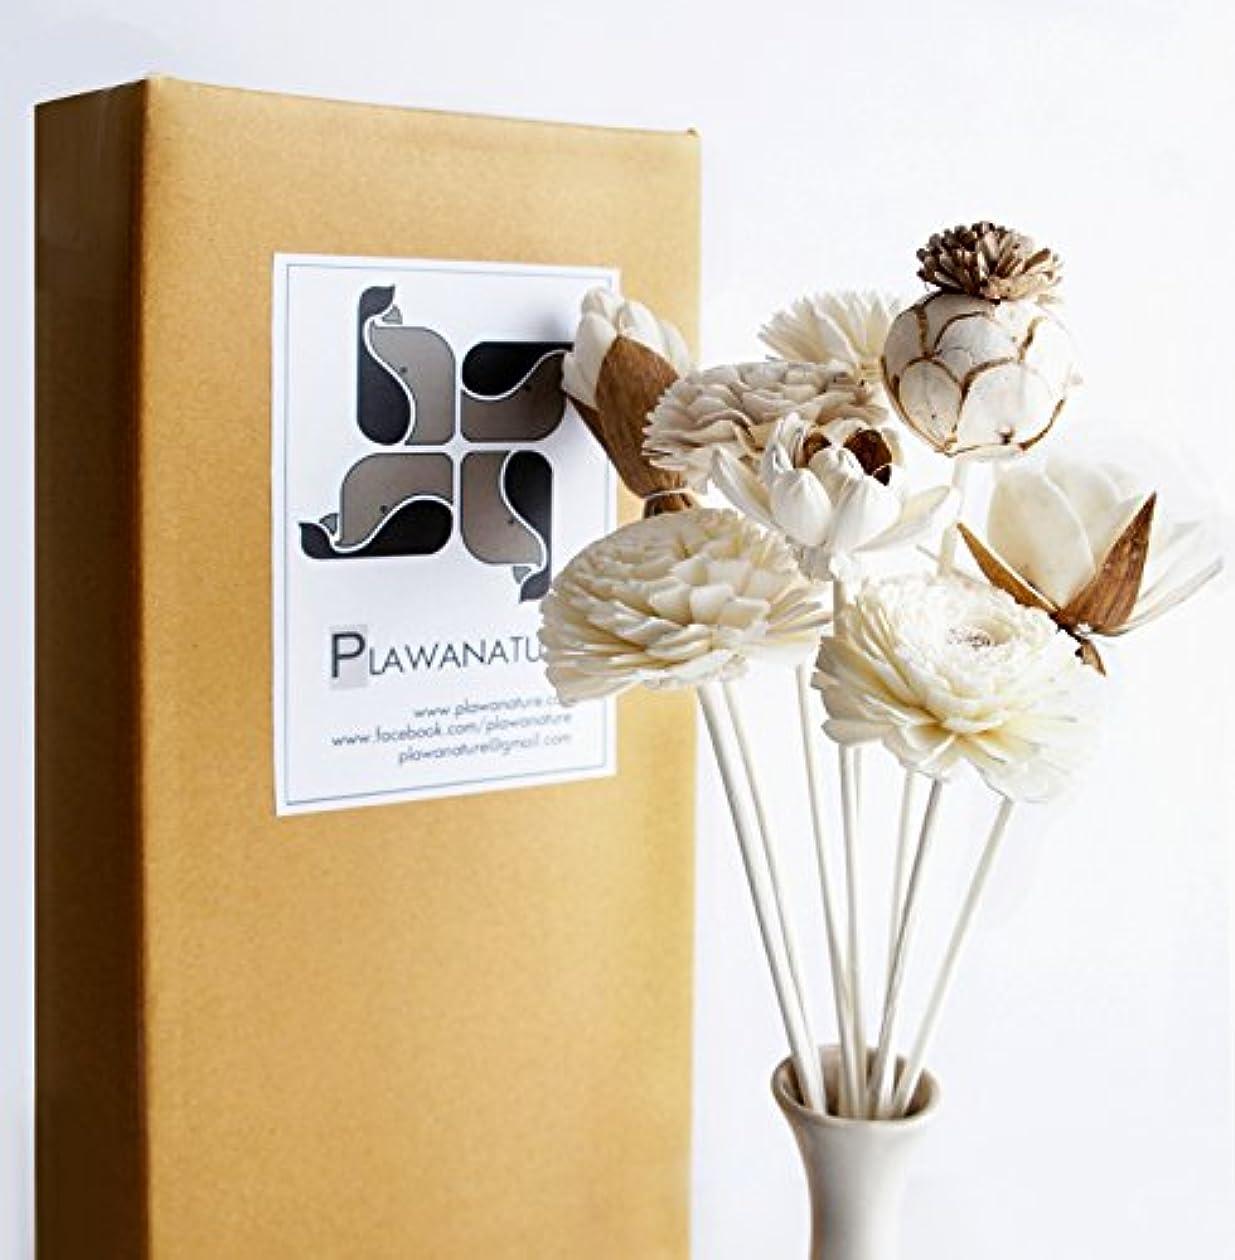 周辺慢な脅威エキゾチックPlawanatureのセット8ミックスSola Wood Flower with Reed Diffuser for Home Fragranceアロマオイル。